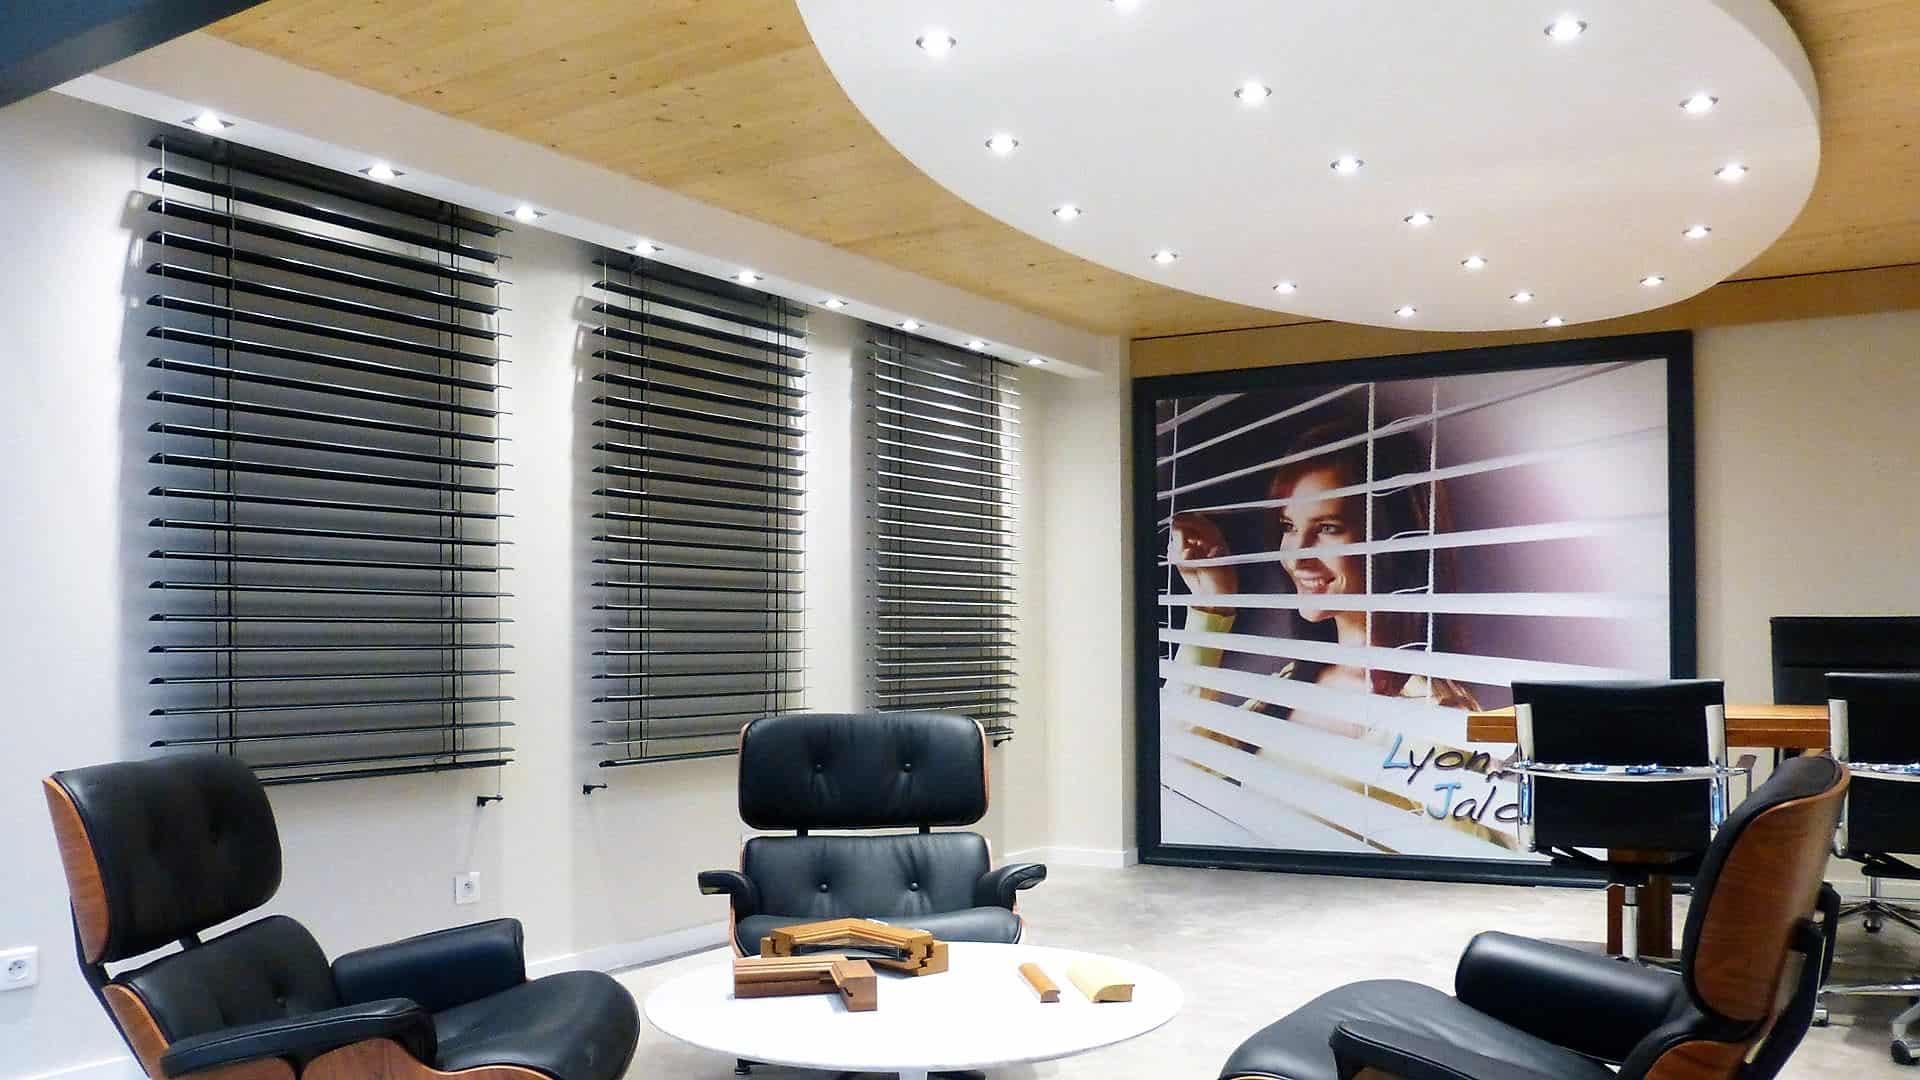 interieur lyon statut decorateur interieur awesome maison d u julien dayet u intrieure u. Black Bedroom Furniture Sets. Home Design Ideas